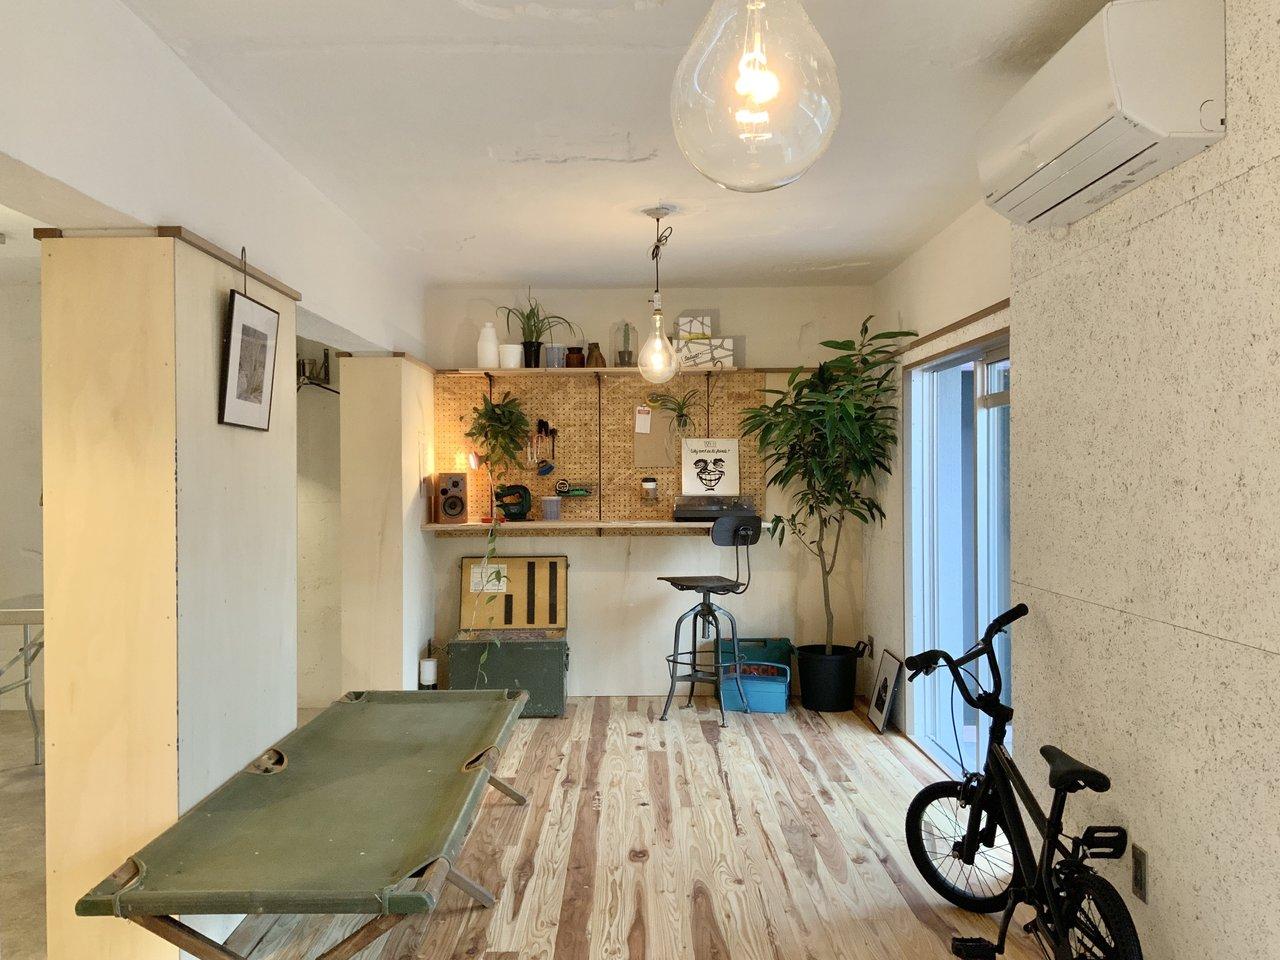 37㎡ある、1DKのお部屋。床は無垢材を使用していて、とっても温かみがありますね。しかもなんとこちらの物件DIYし放題!棚を作ってとりつけても、タイルを貼ってもOKなんです。(※写真はすべて1階のモデルルームのものです)